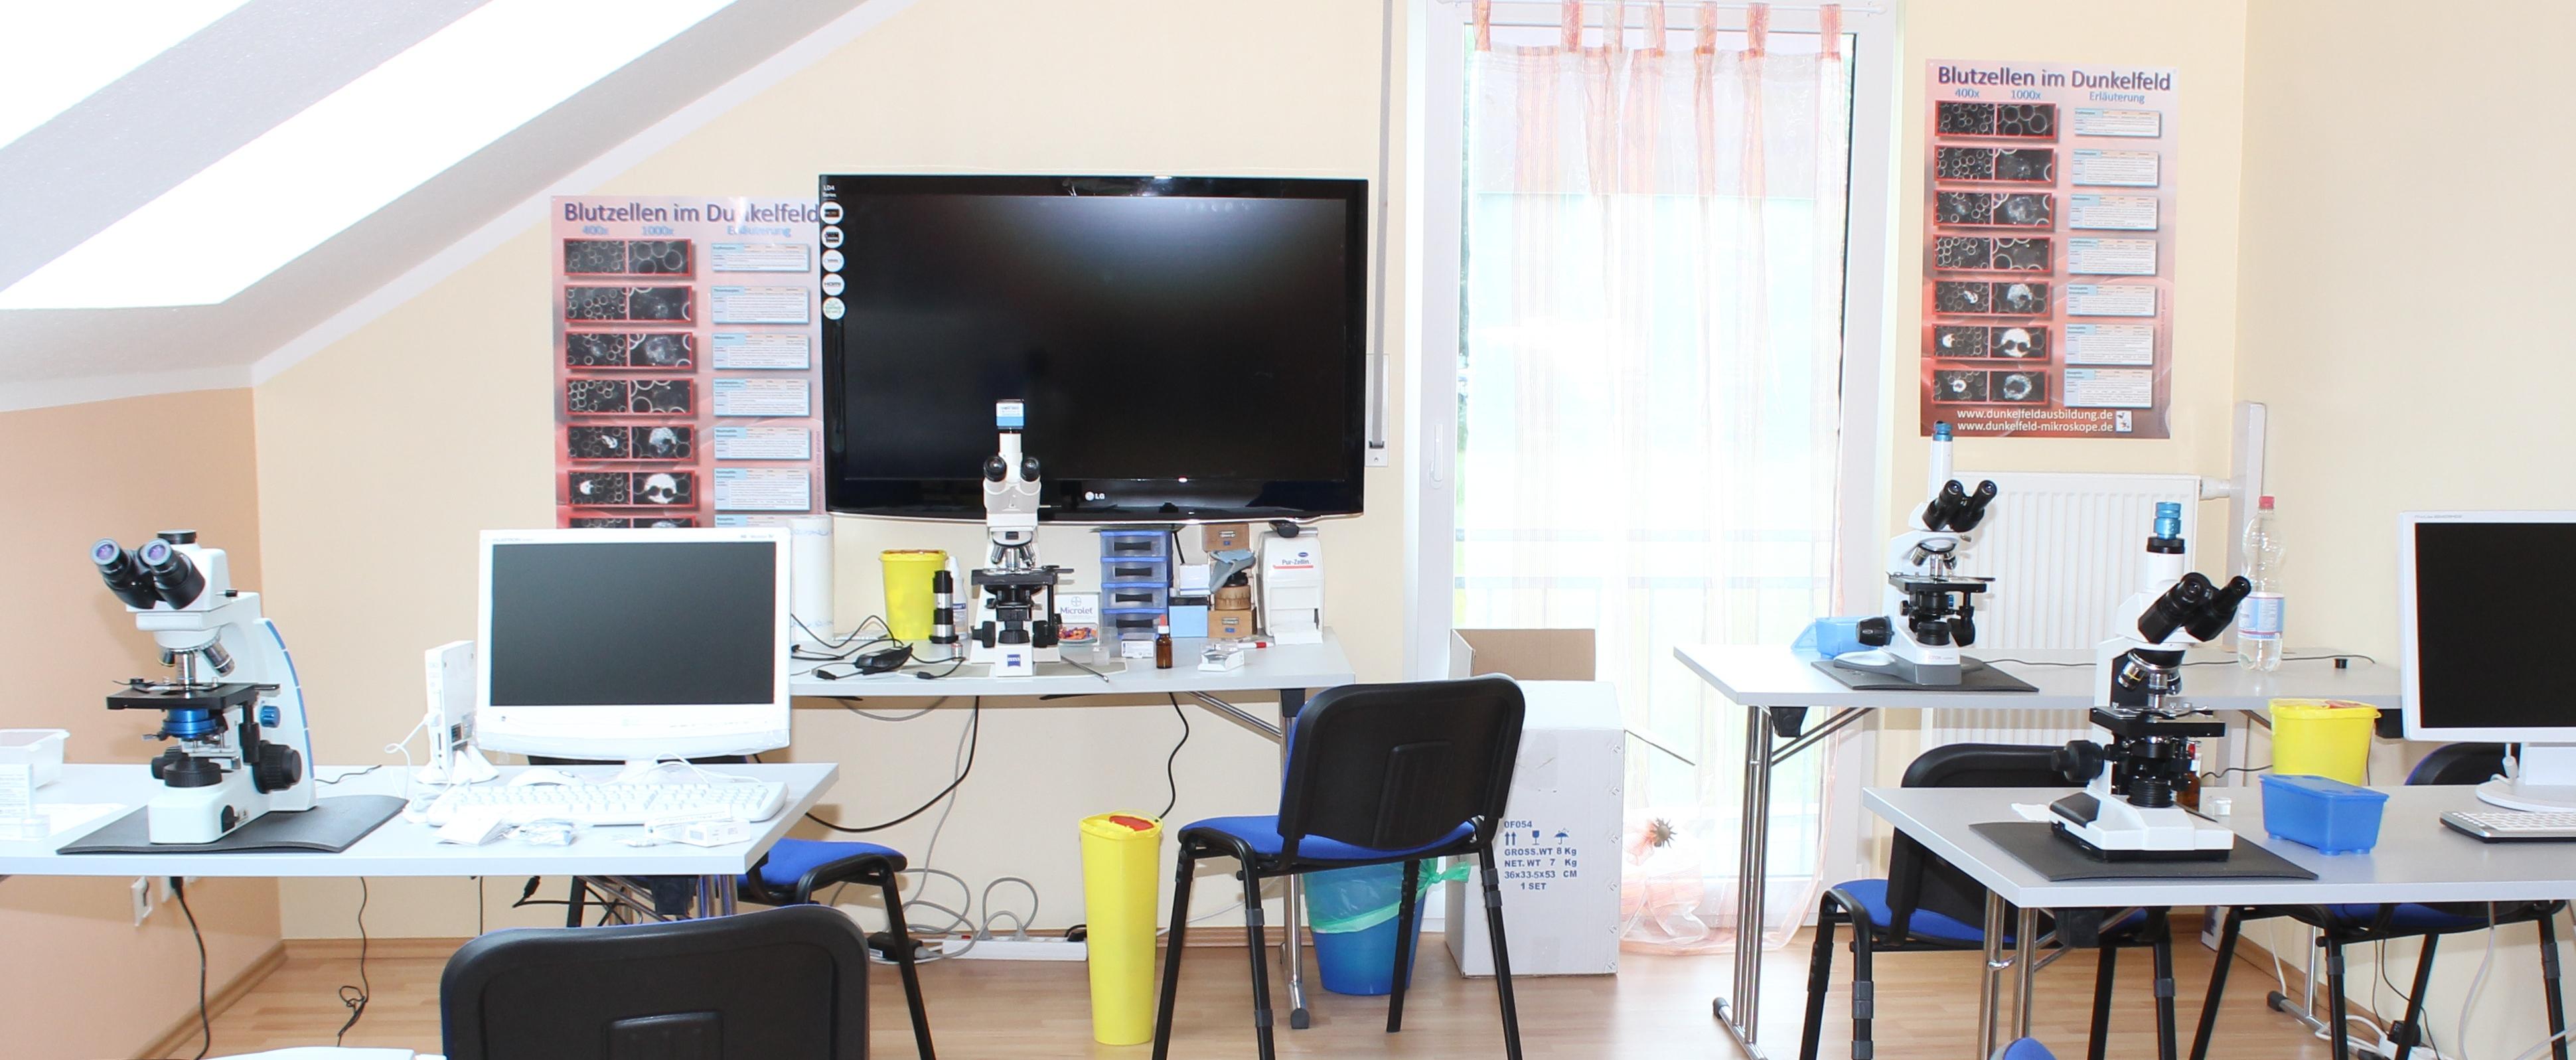 Seminarraum Dunkelfeldmikroskope